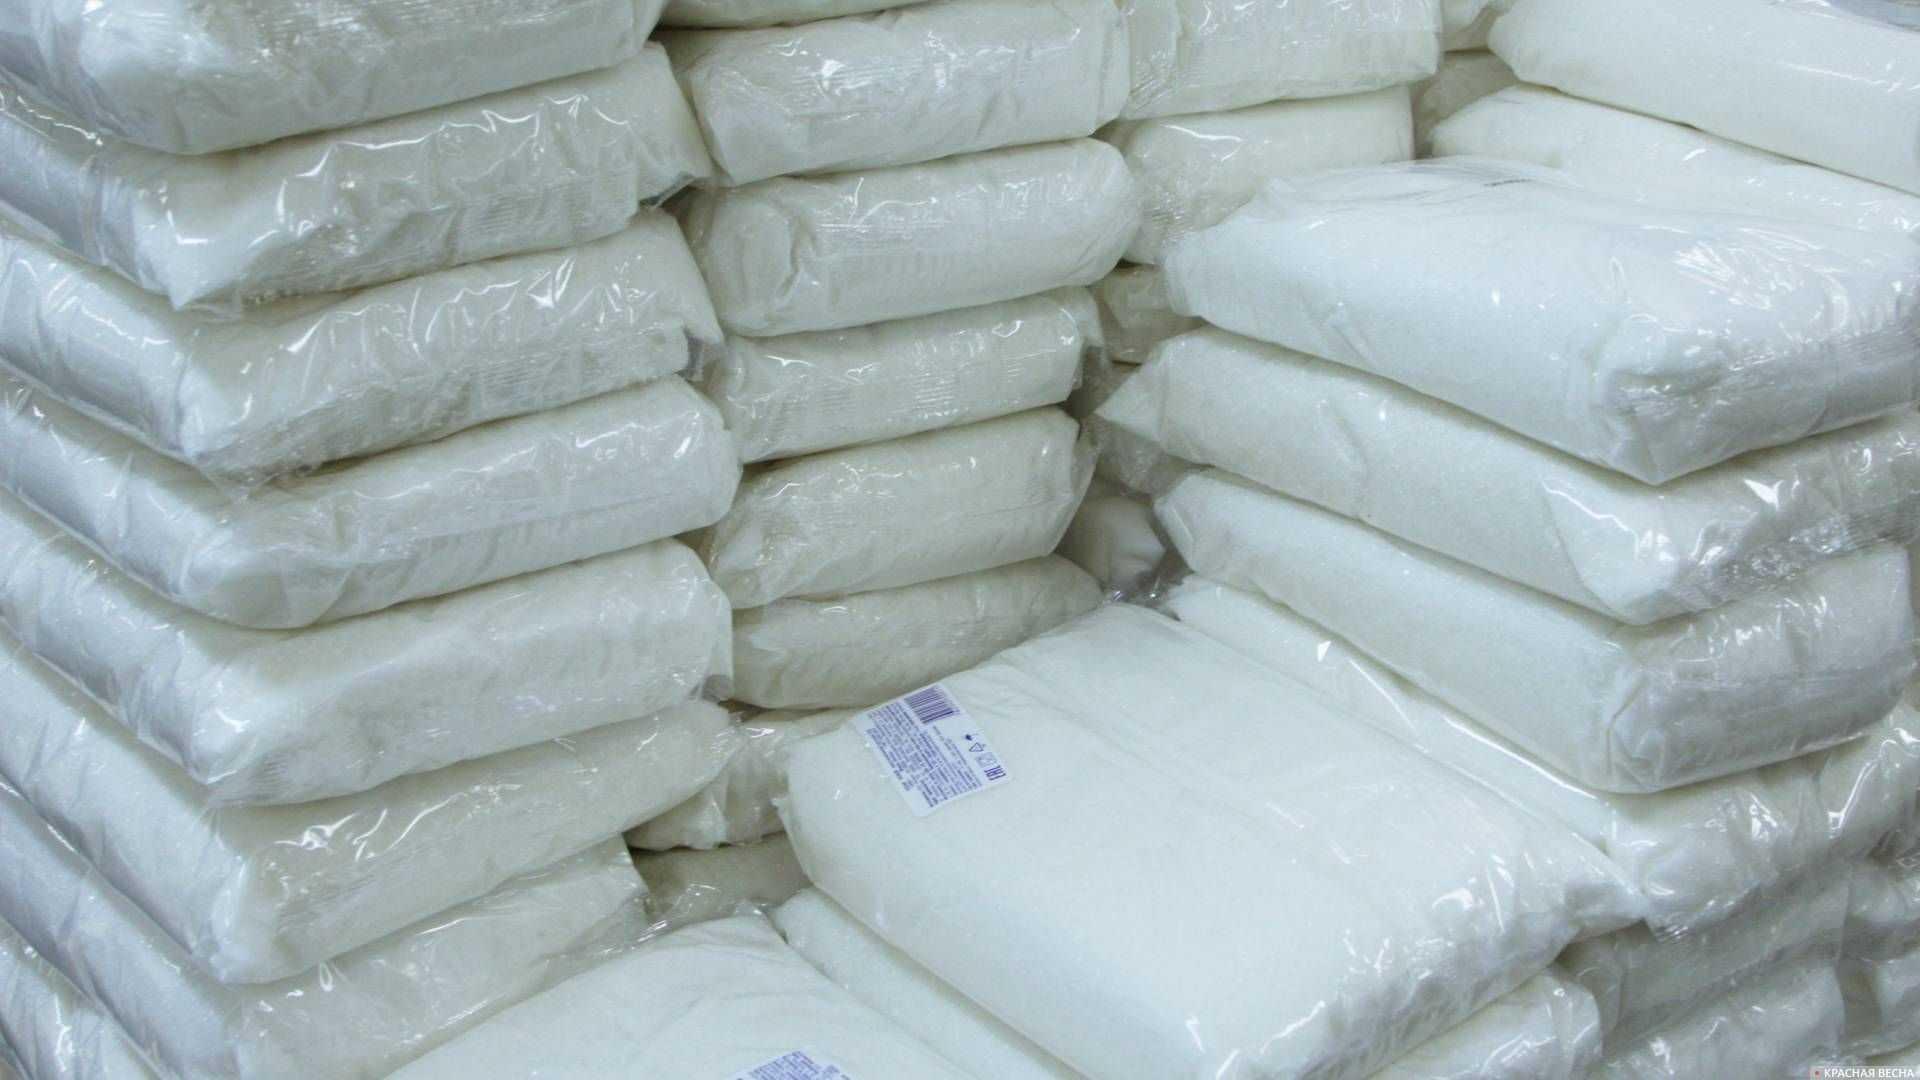 Исследователи пришли к выводу, что кукурузный сироп более токсичен, чем рафинированный сахар